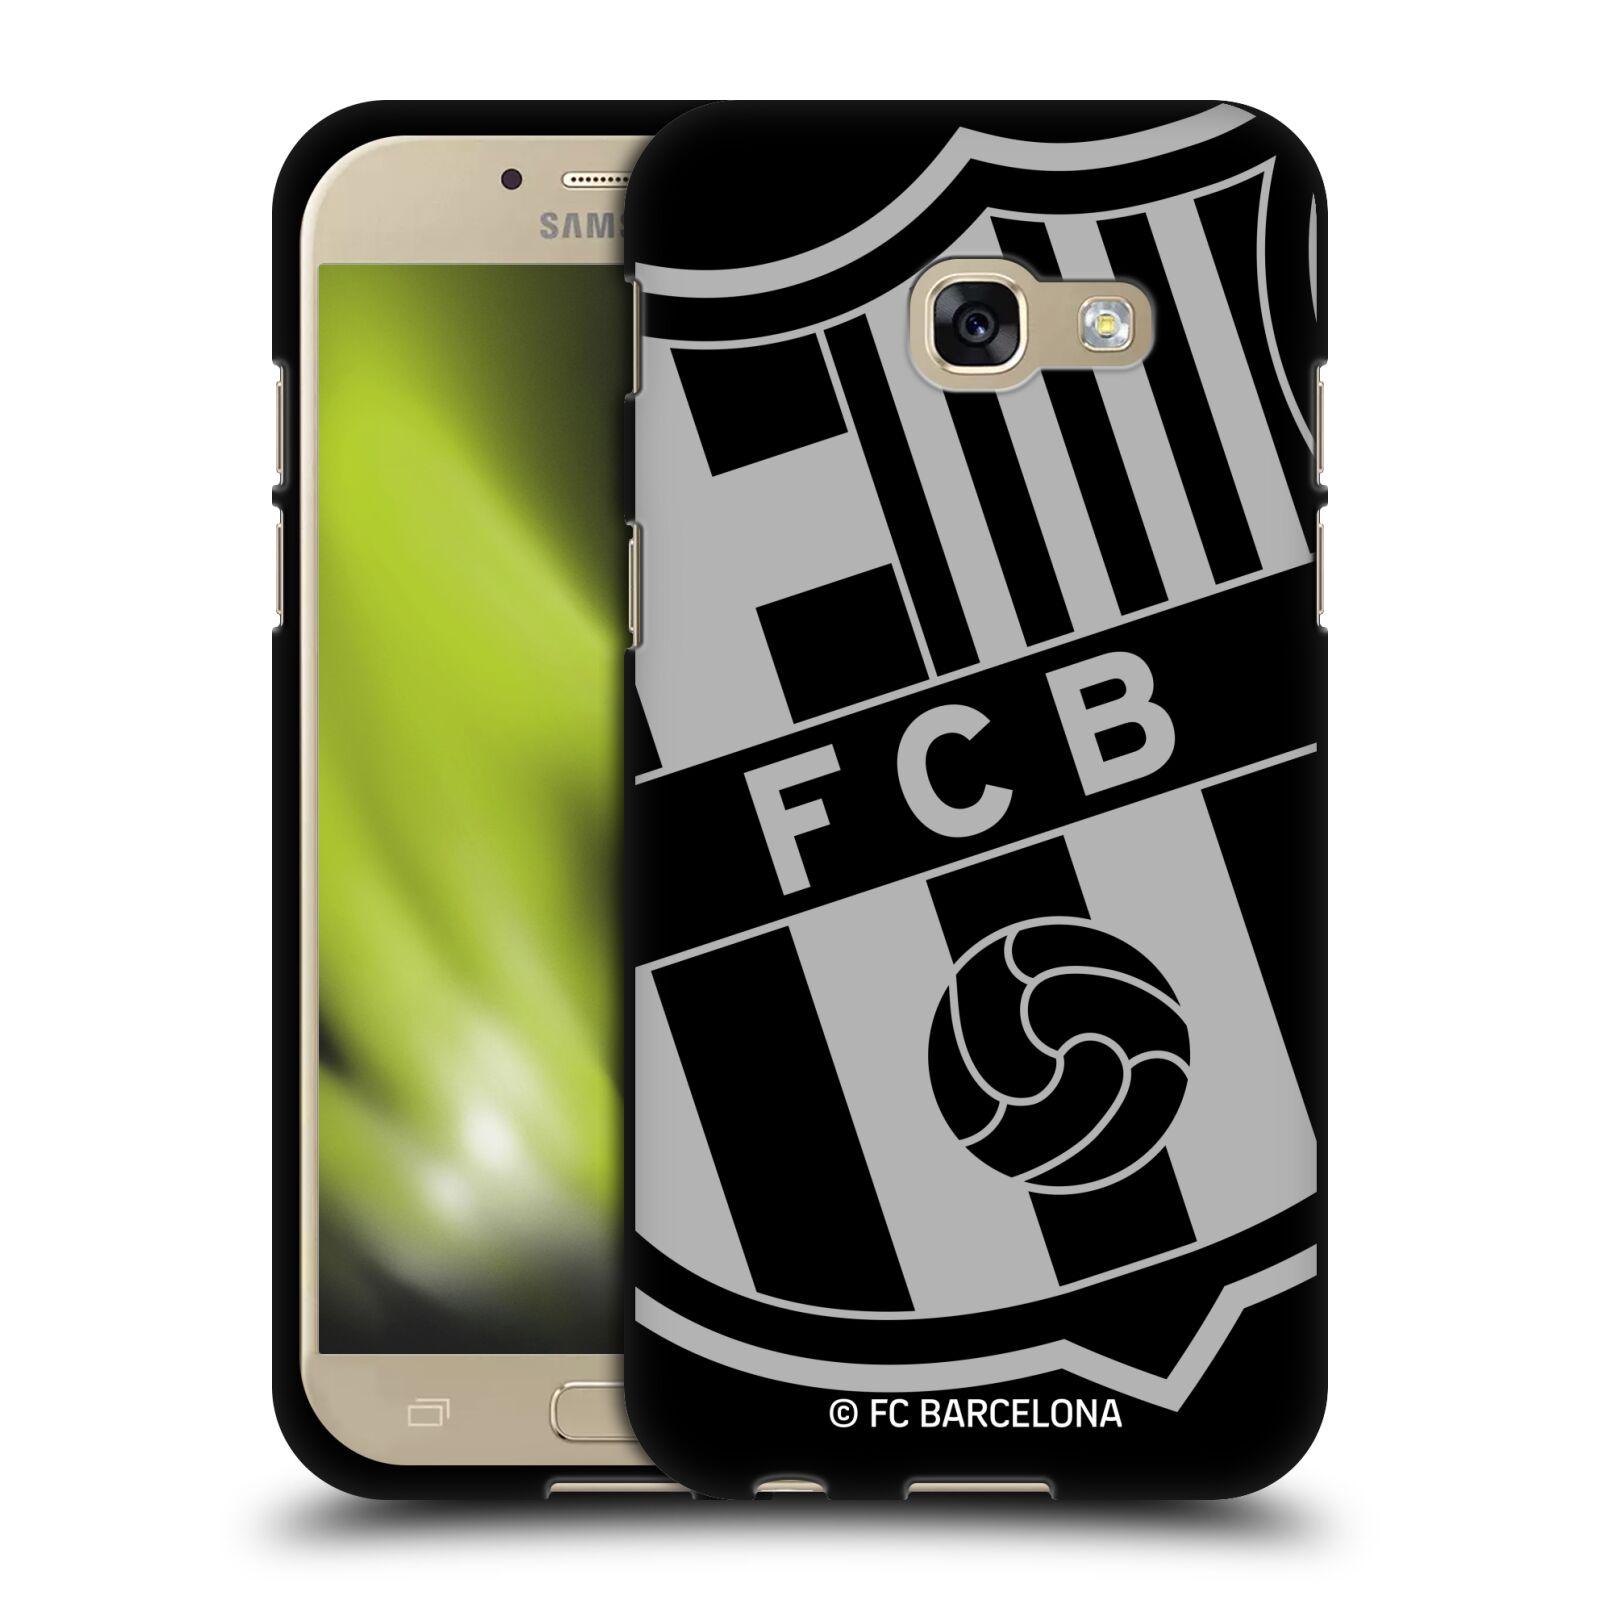 OFFICIAL-FC-BARCELONA-2017-18-CREST-BLACK-SOFT-GEL-CASE-FOR-SAMSUNG-PHONES-2